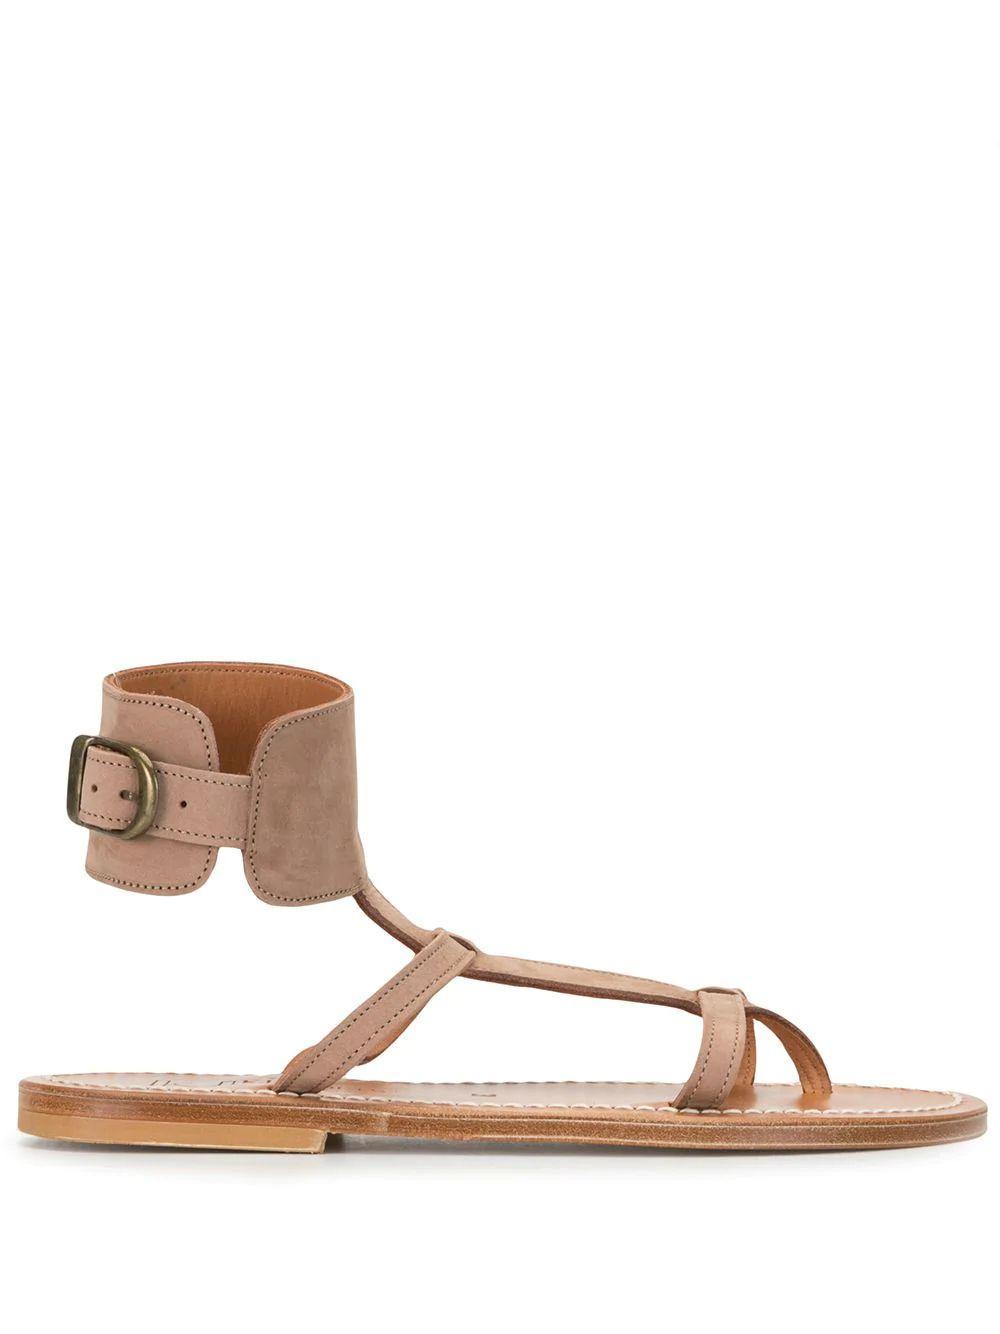 Caravelle Gladiator Sandal